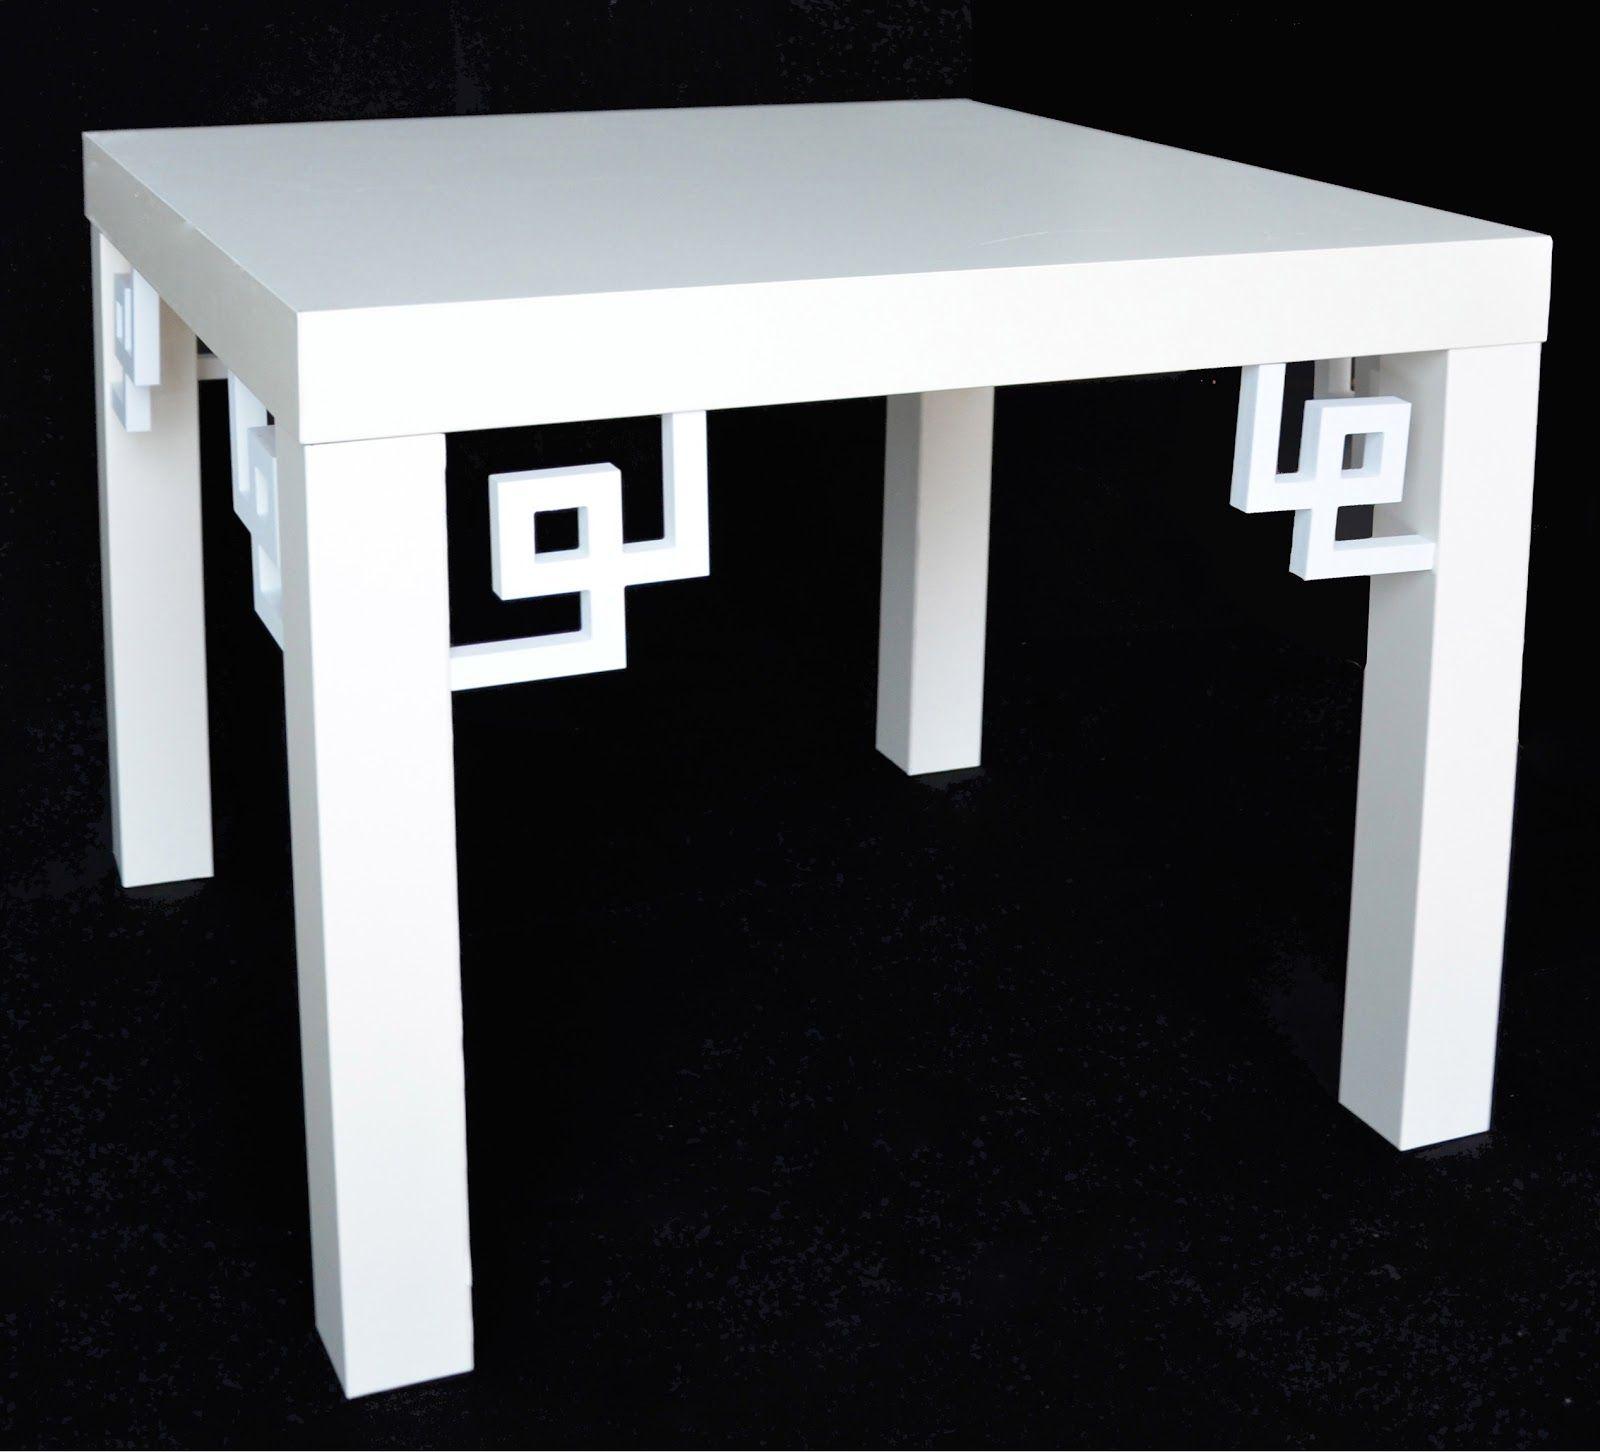 Incroyable De Ikea Table Lack Schème